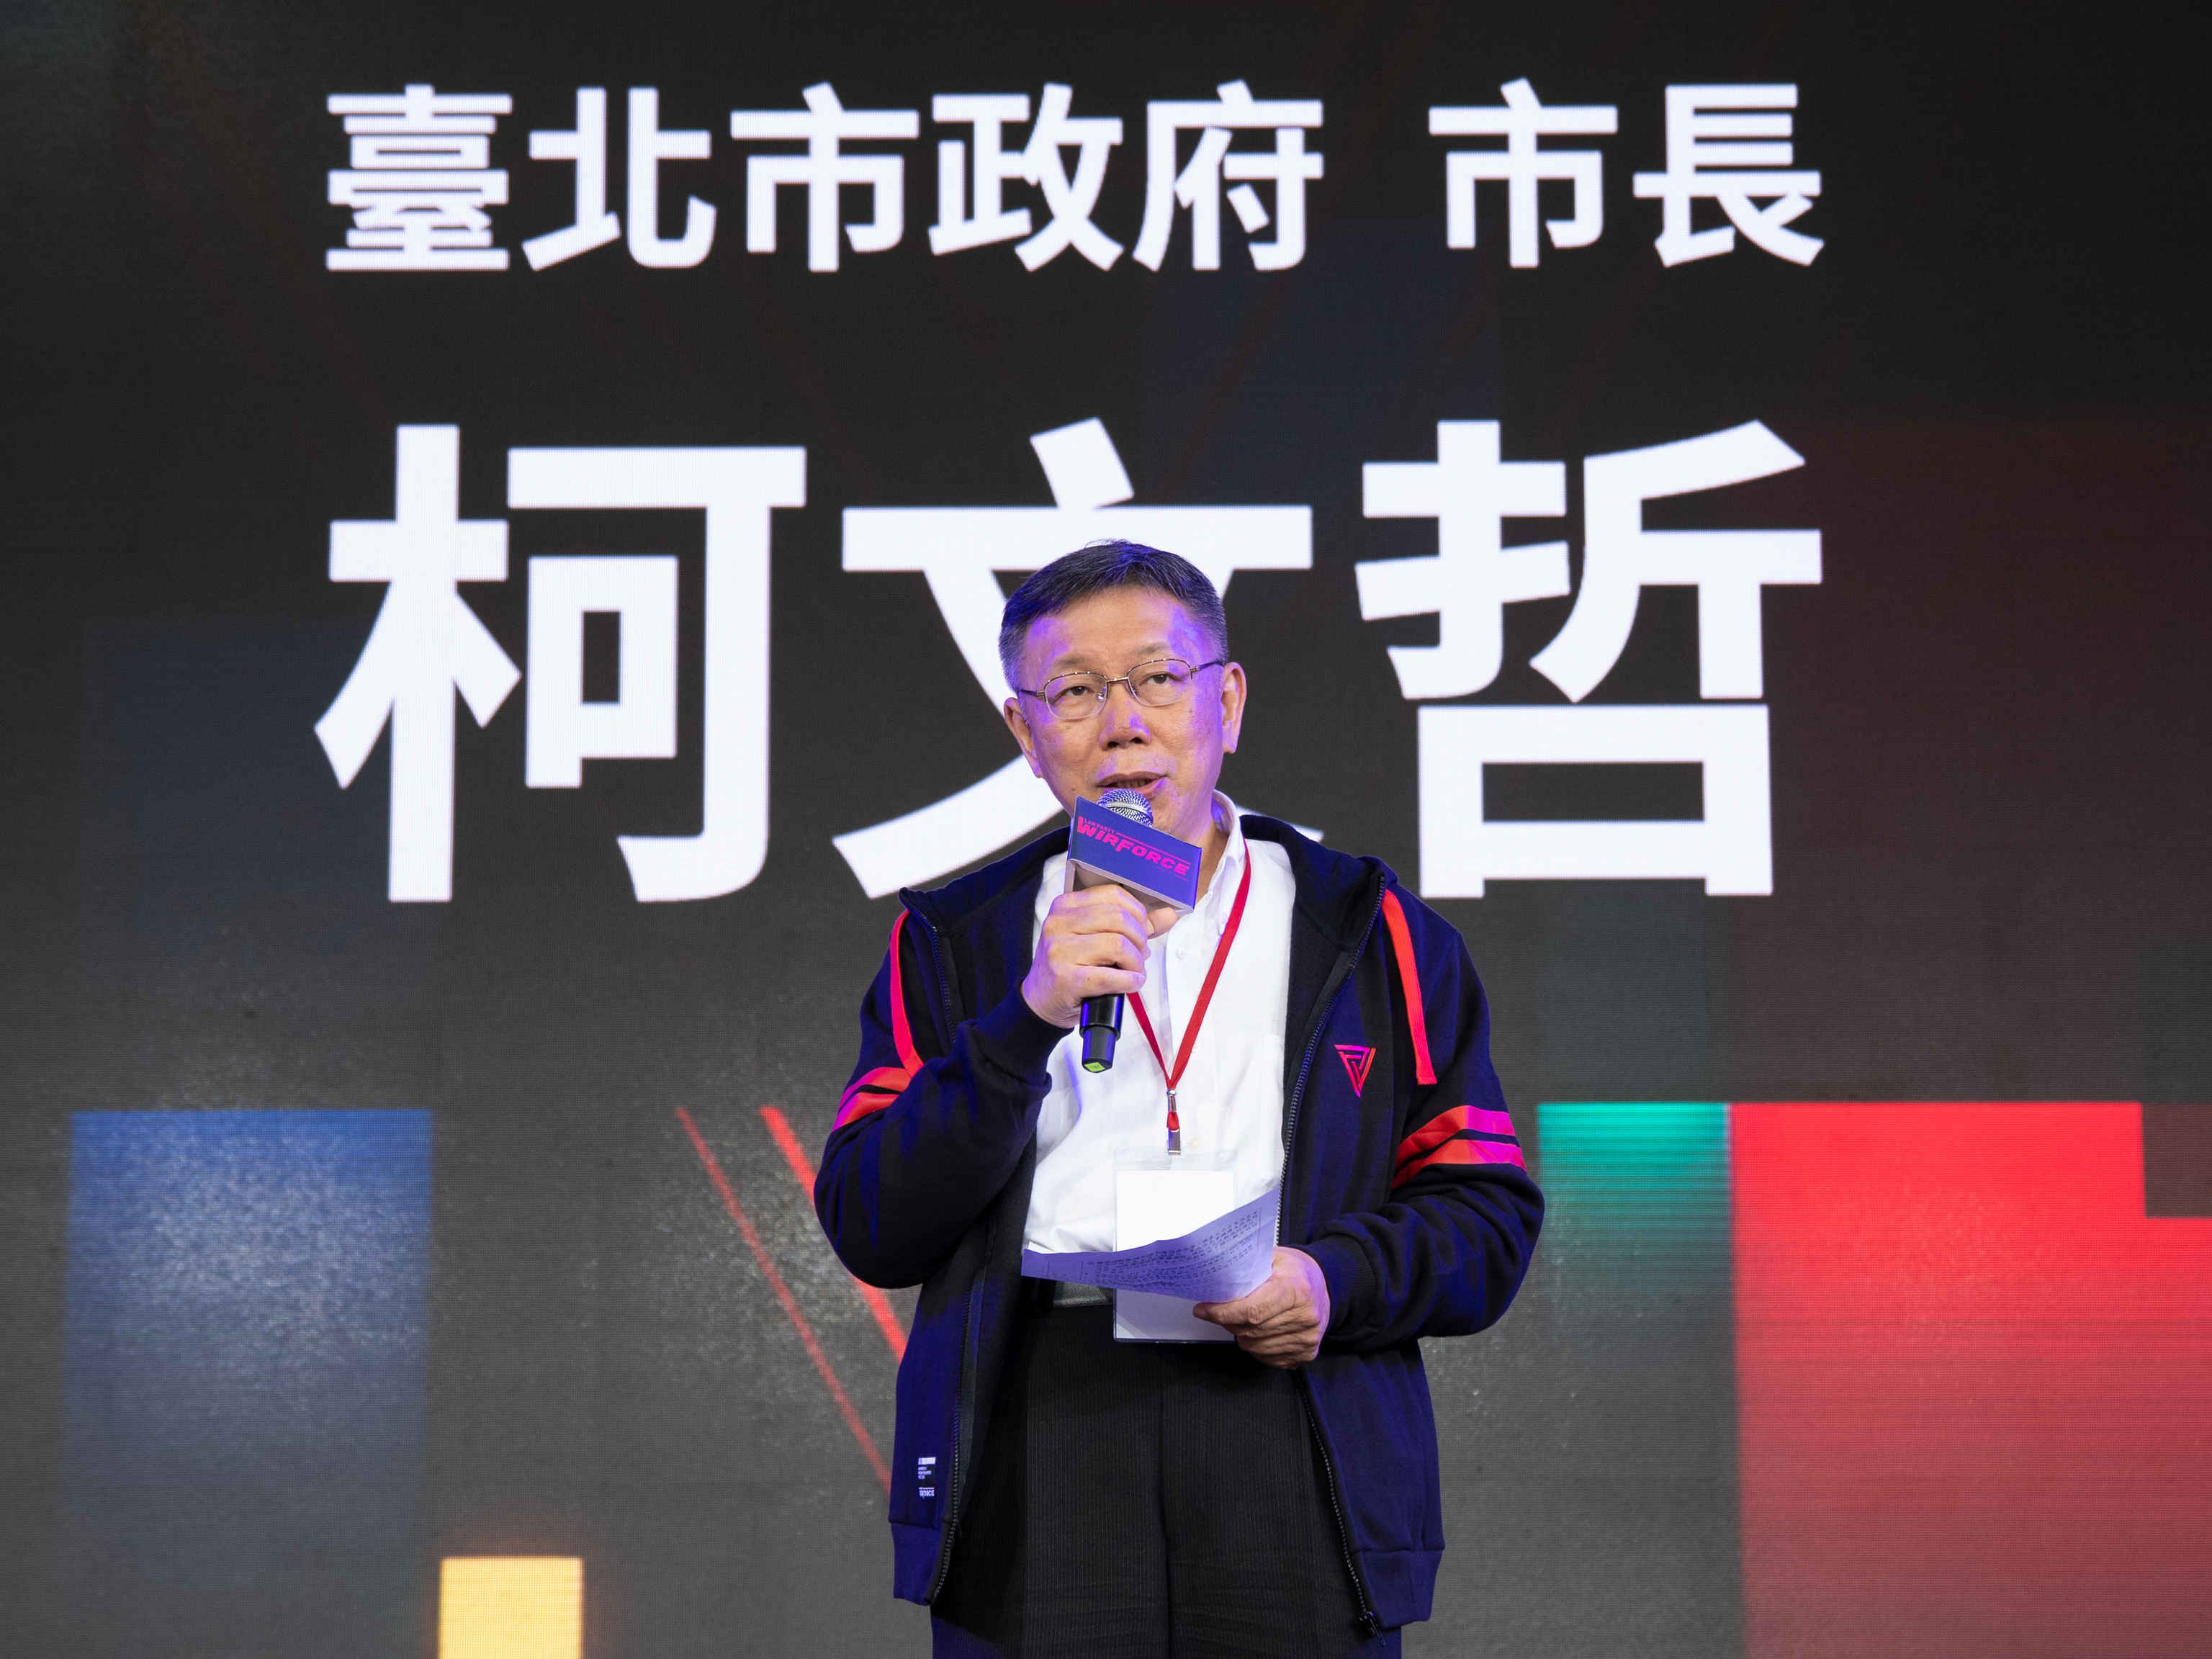 3:台北市長柯文哲支持數位遊戲產業發展,並表示台北市政府今年依舊秉持『民間先行,政府支持』的方針,持續扶植產業與協助電競正名。